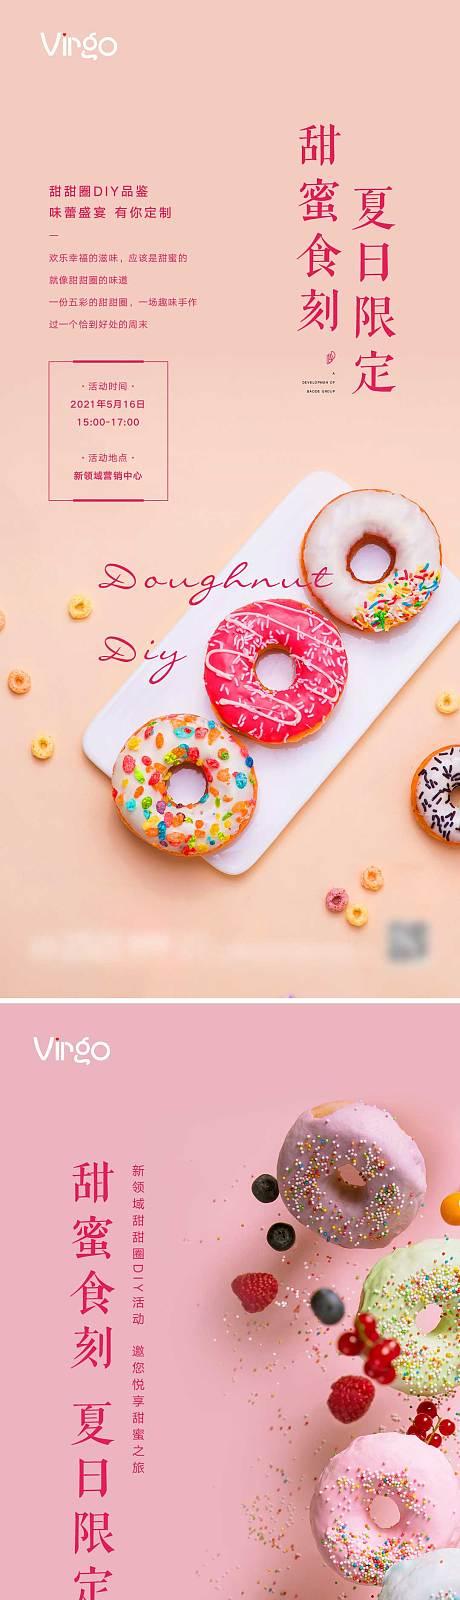 地产甜甜圈DIY暖场活动-源文件